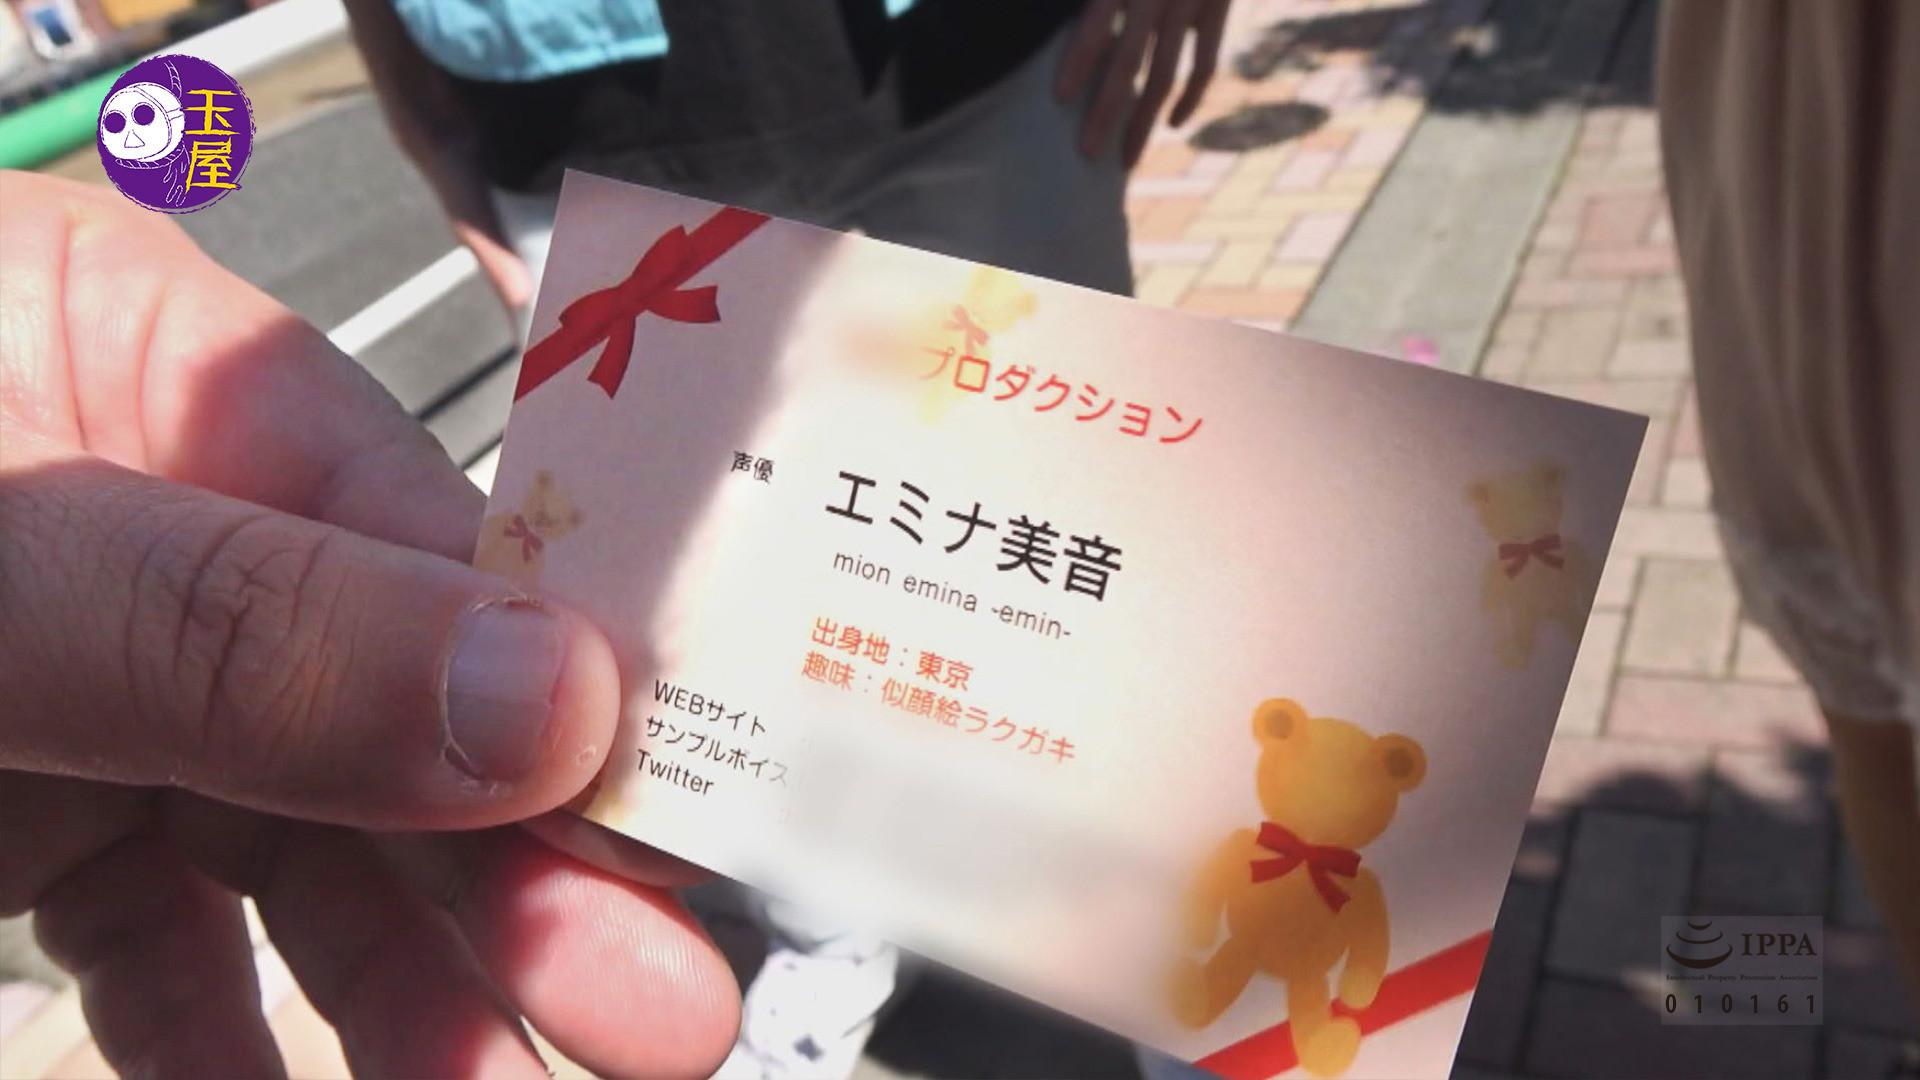 キモ男ヲタ復讐動画 Type.複製型アニメヒロイン エミナミオン編 画像3